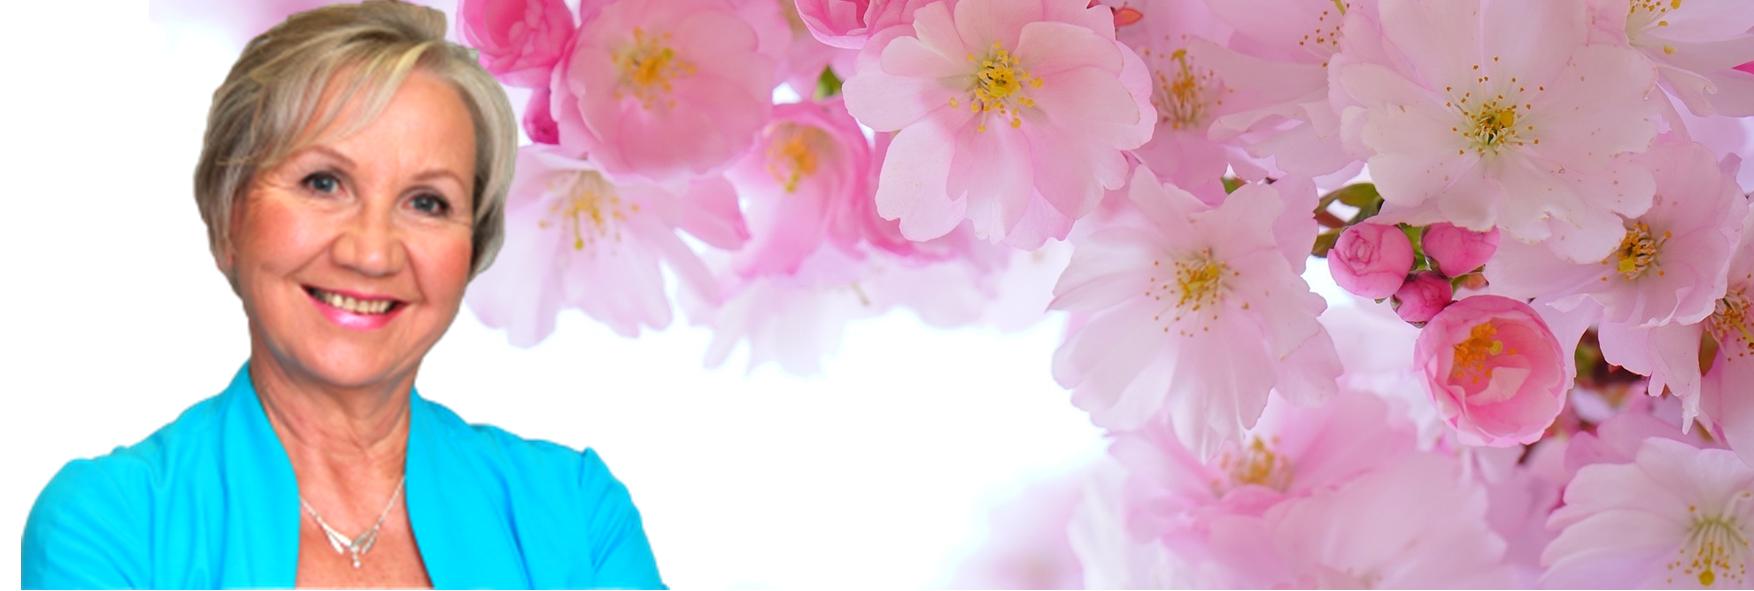 Ulla-Maija Grace, UMG, Aromatica, Aromatica-Wellness, aroomiteraapia, eeterlikud õlid, aroomiõlid, aroomimassaaž, näohooldus